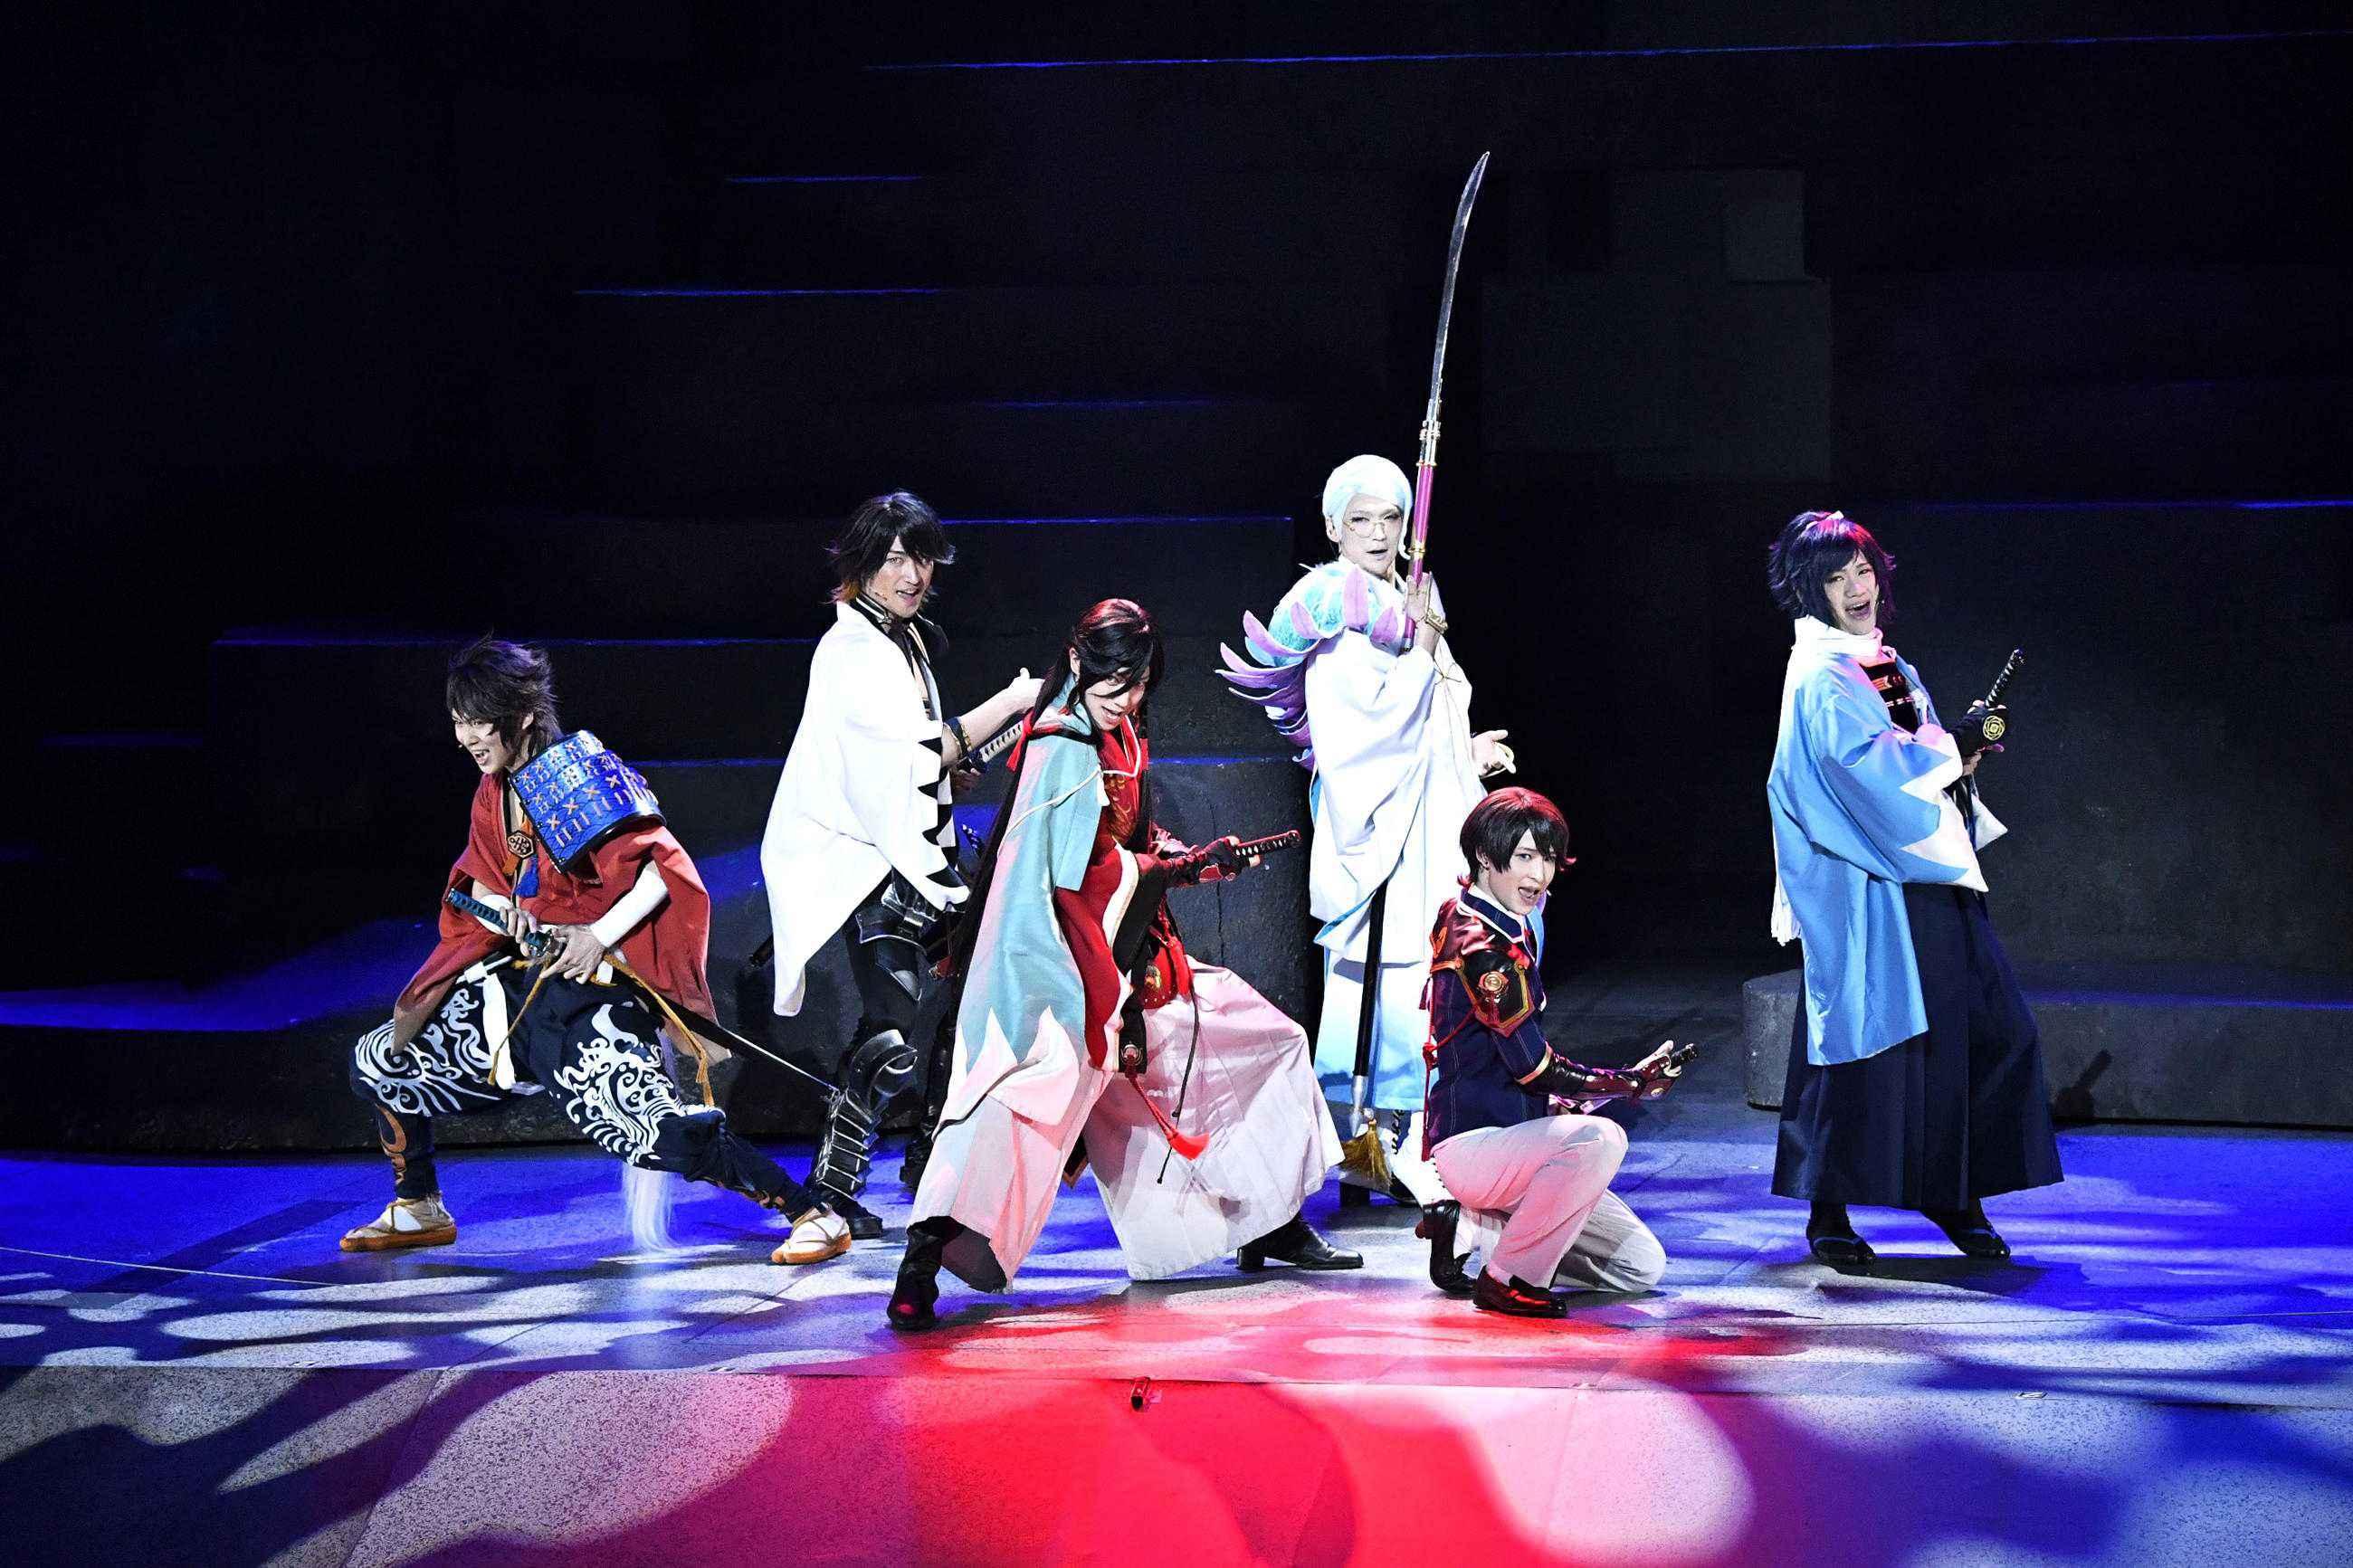 红白歌会,刀剑乱舞,刀剑乱舞音乐剧,LoveLive! Sunshine,水团